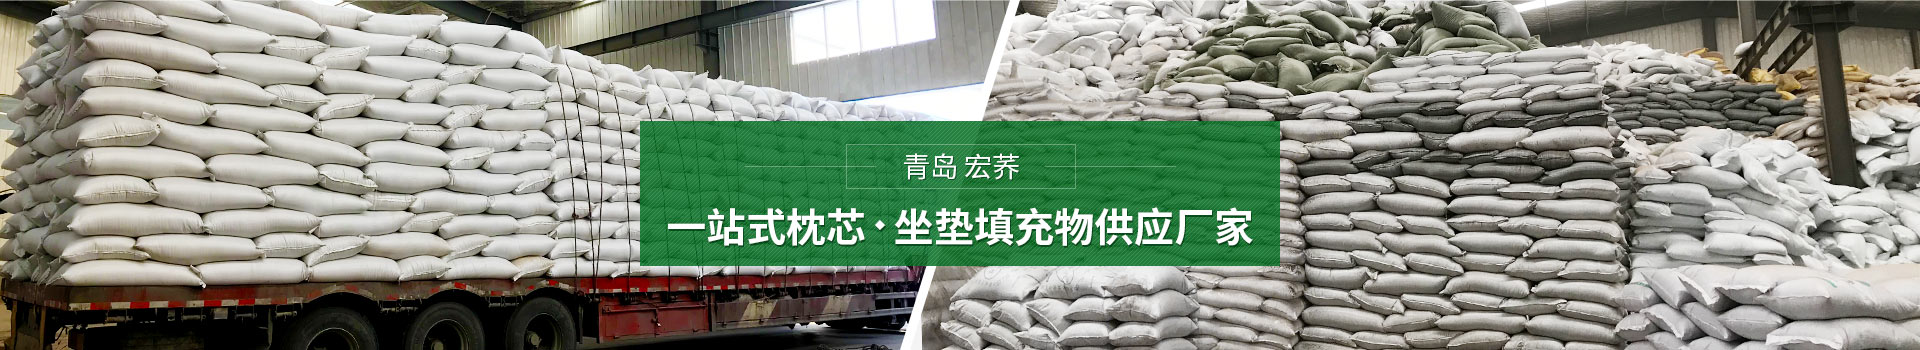 荞麦壳批发厂家